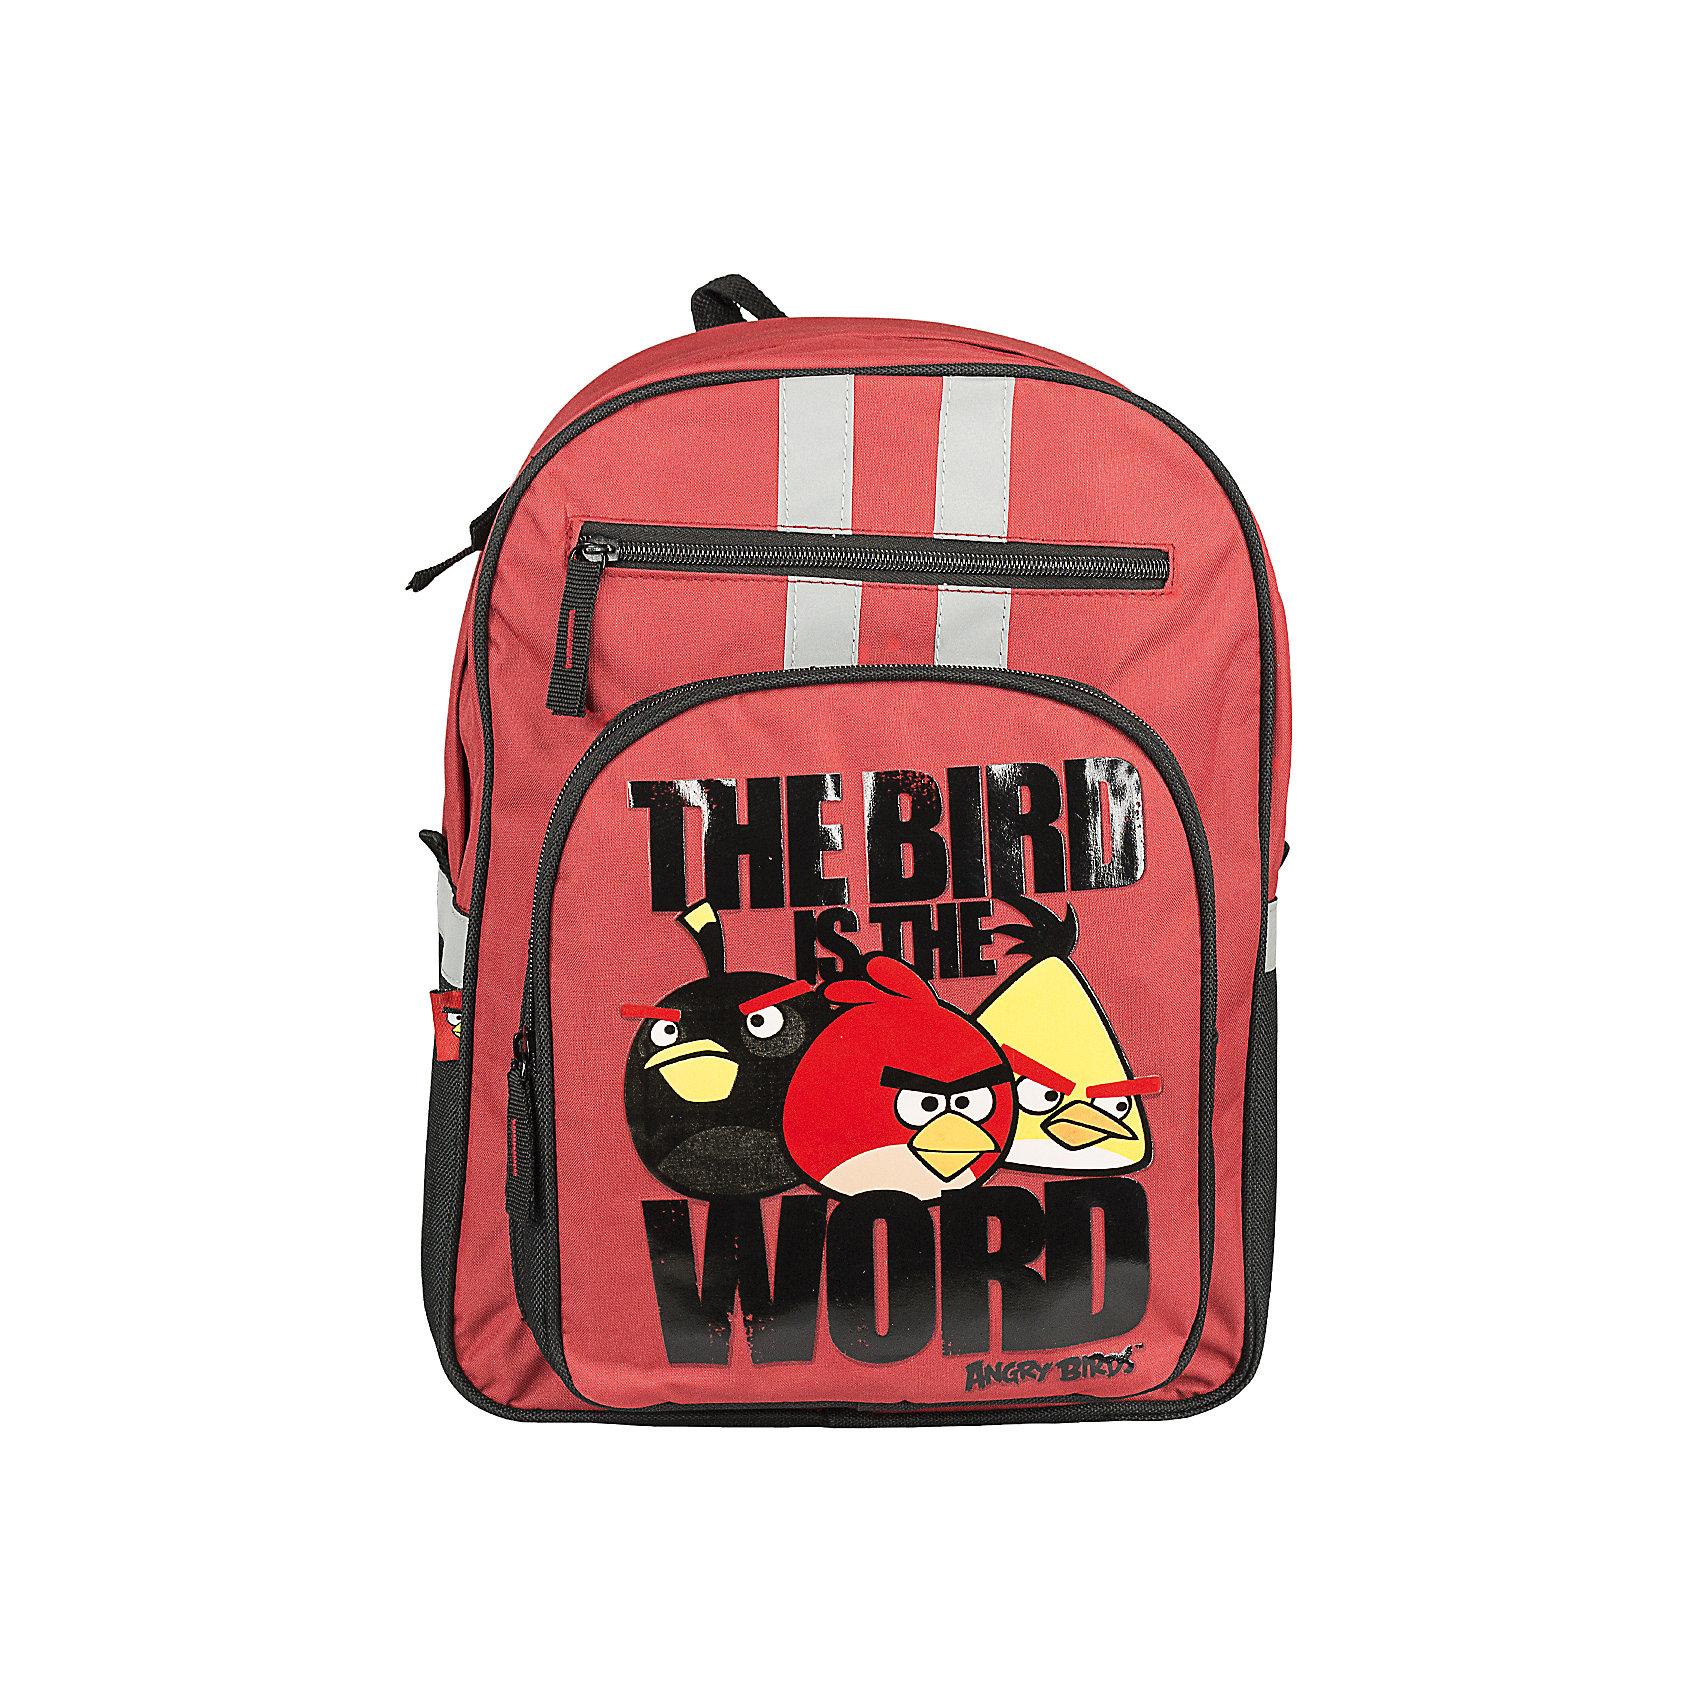 Школьный рюкзак, Angry BirdsРюкзак Angry Birds (Злые Птички) имеет большой внутренний объем и два удобных плечевых ремня регулируемой длины.<br><br>Дополнительная информация:<br><br>  Размер 38 х 29 х 15 см.<br><br>Angry Birds  Рюкзак можно купить в нашем магазине.<br><br>Ширина мм: 310<br>Глубина мм: 150<br>Высота мм: 410<br>Вес г: 619<br>Возраст от месяцев: 72<br>Возраст до месяцев: 144<br>Пол: Унисекс<br>Возраст: Детский<br>SKU: 3377335